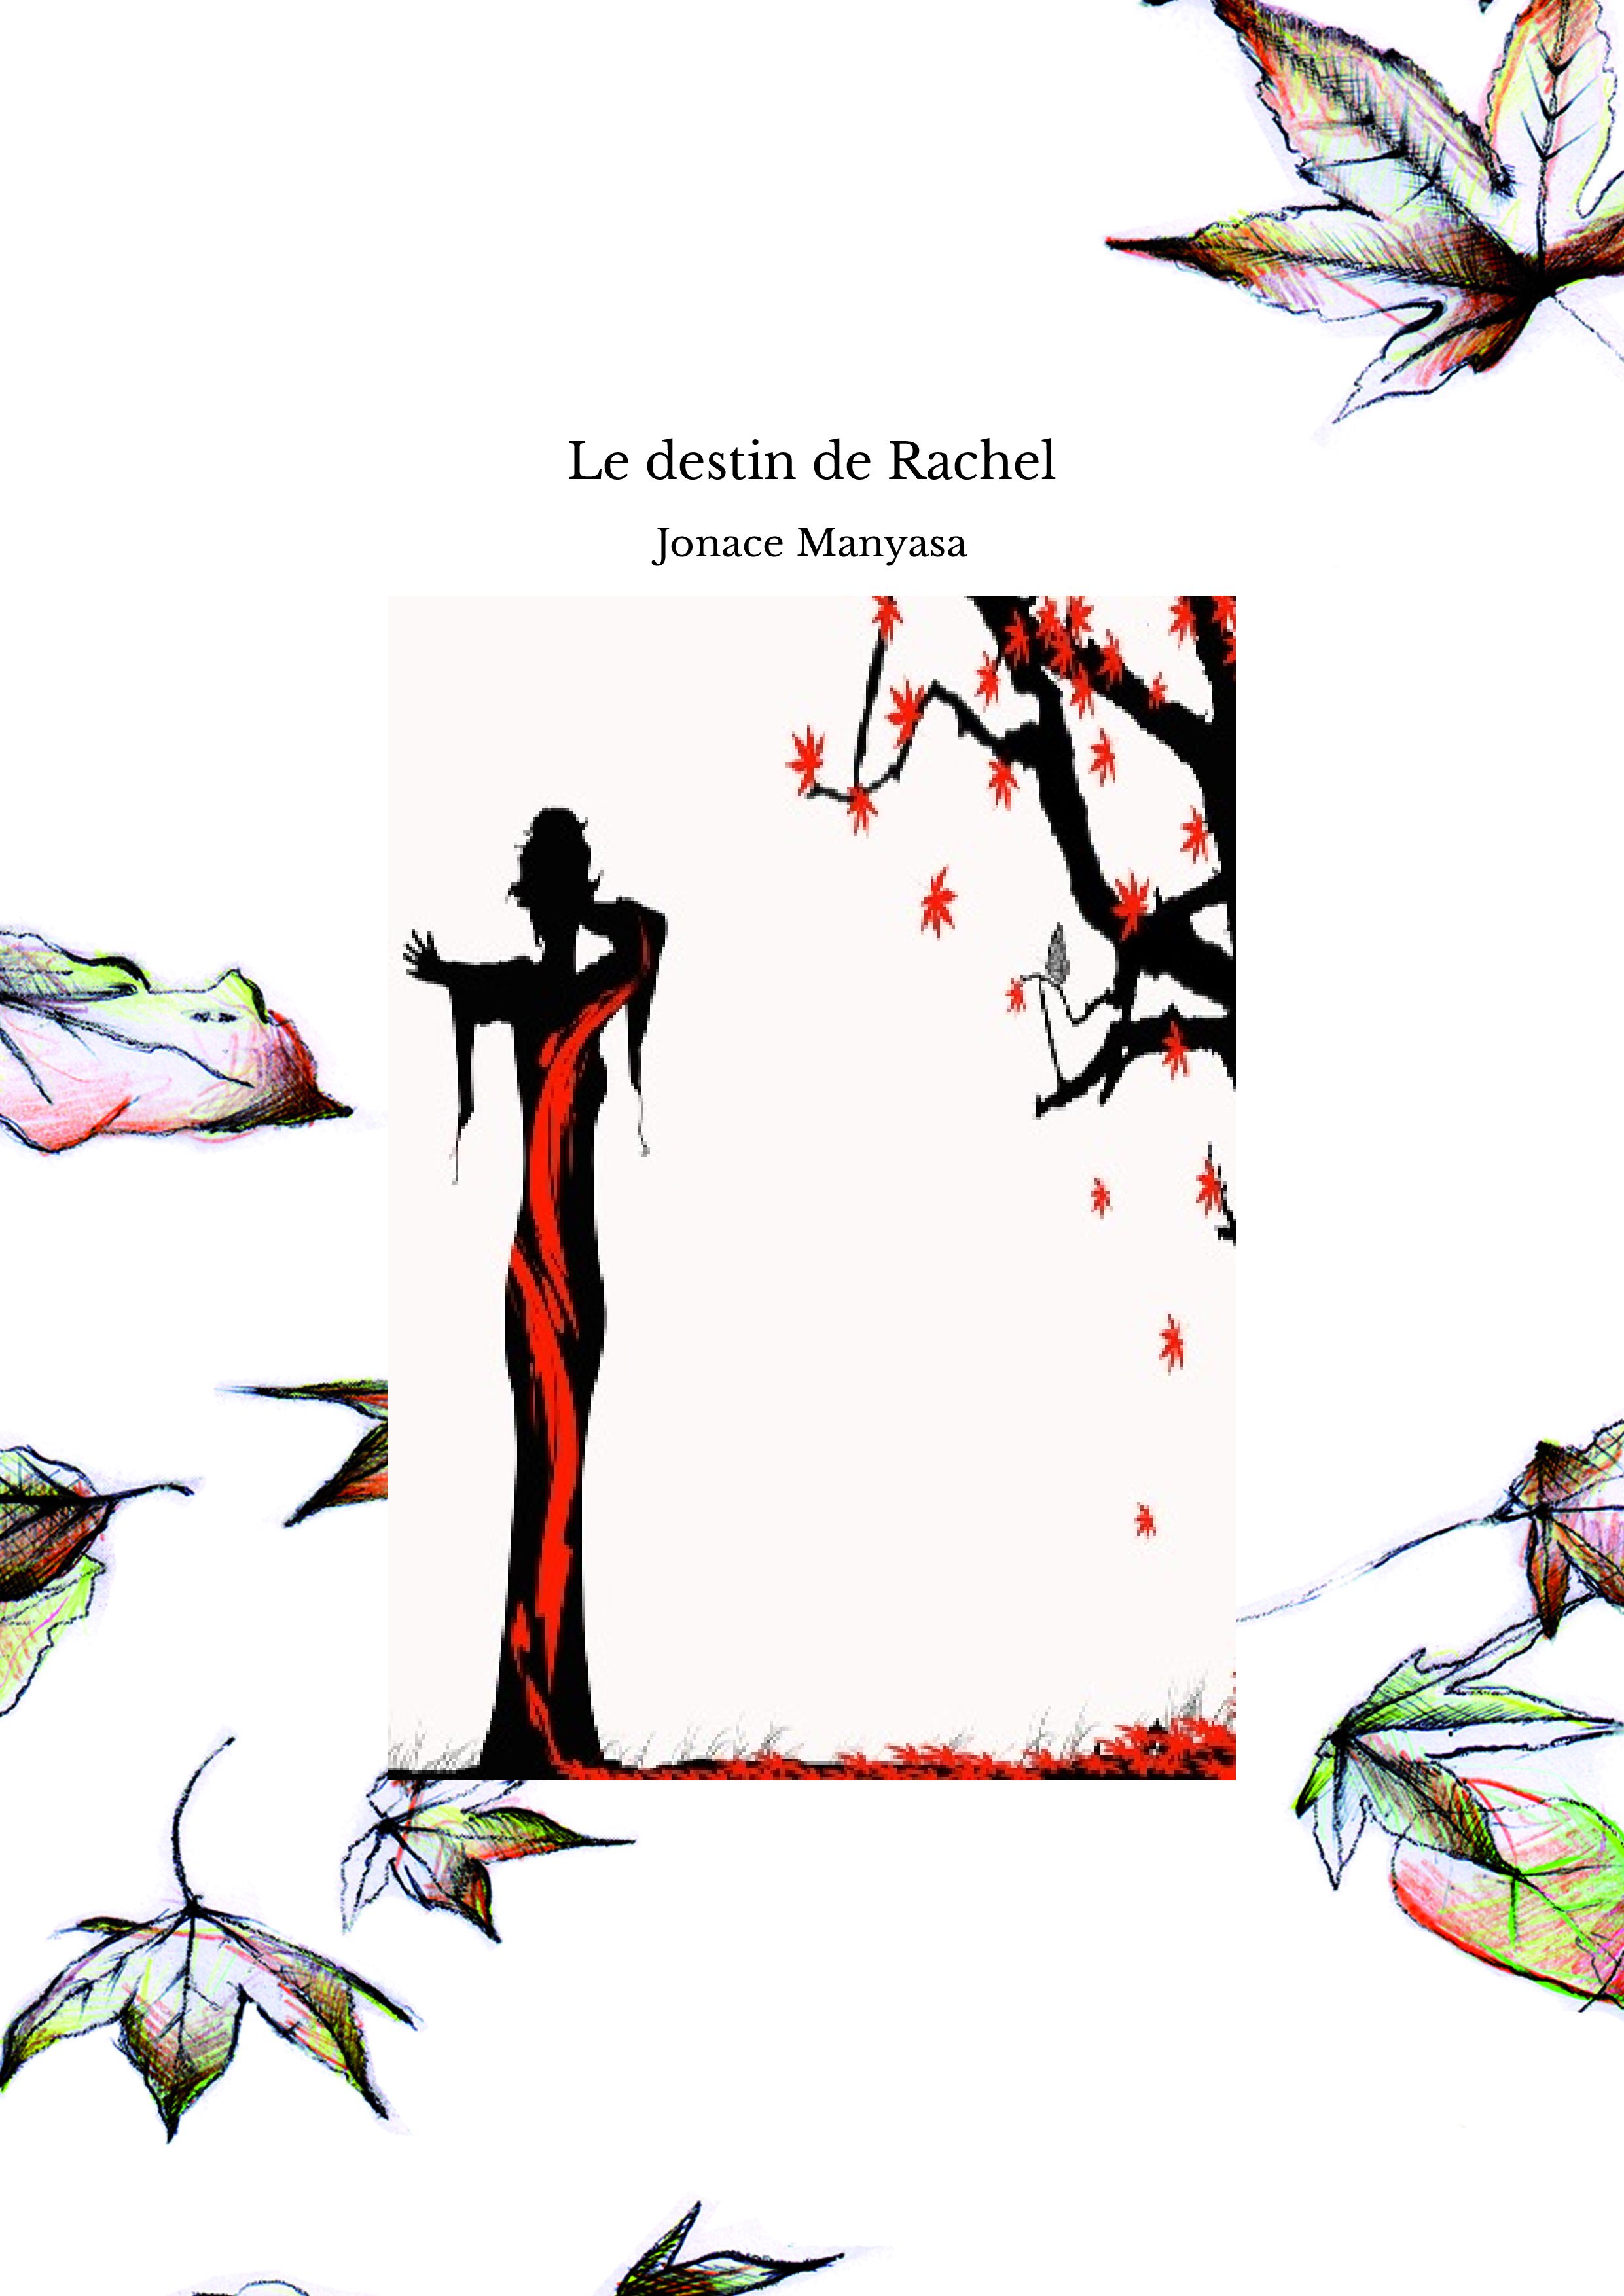 Le destin de Rachel